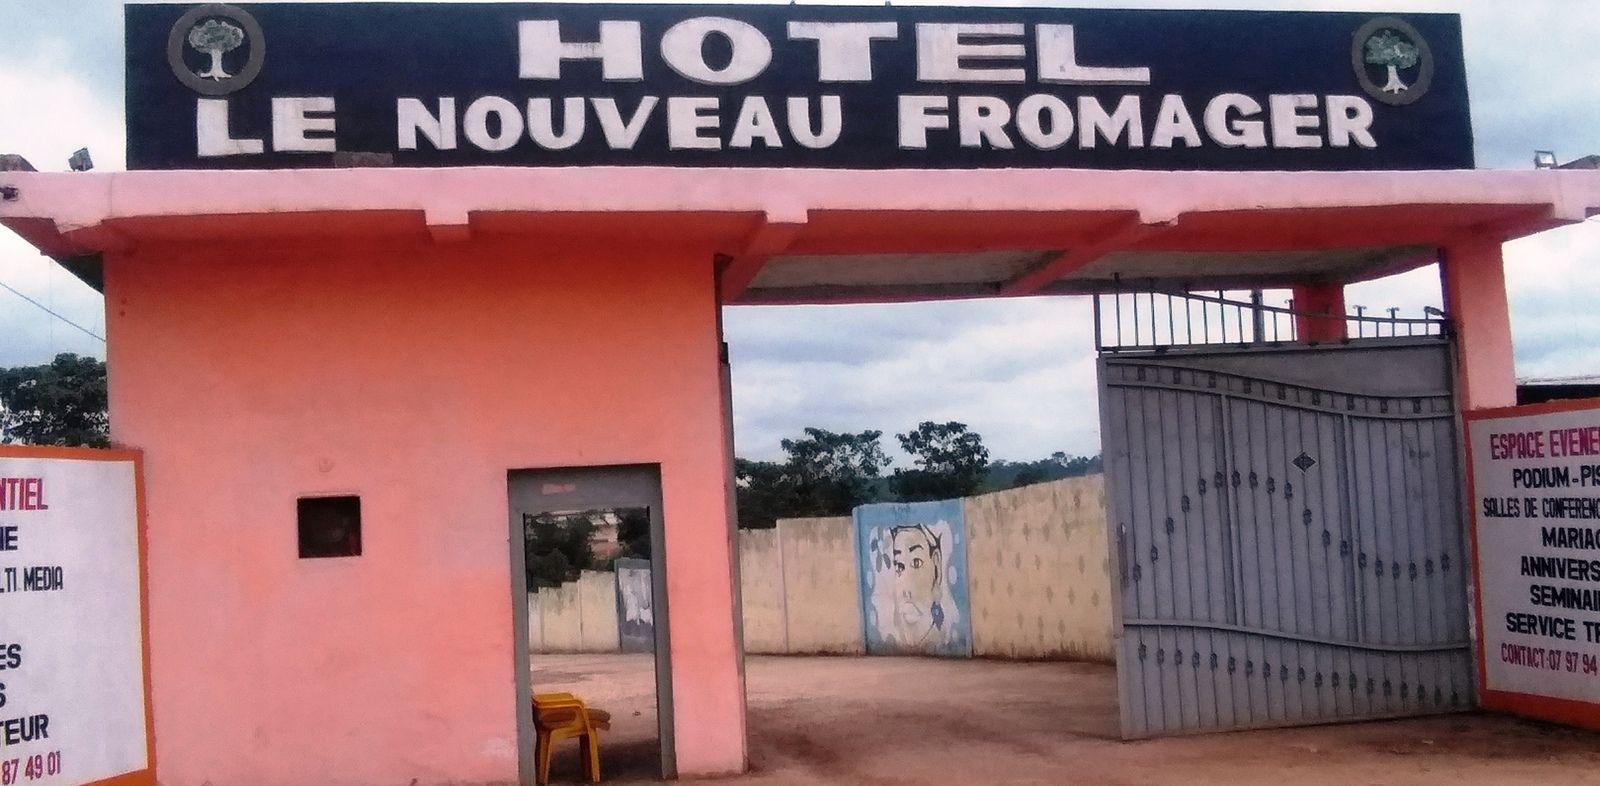 Gagnoa: Des mineures âgées de 14 à 16 ansarrêtées dansunhôtel où elles étaient venues participer à une partouze